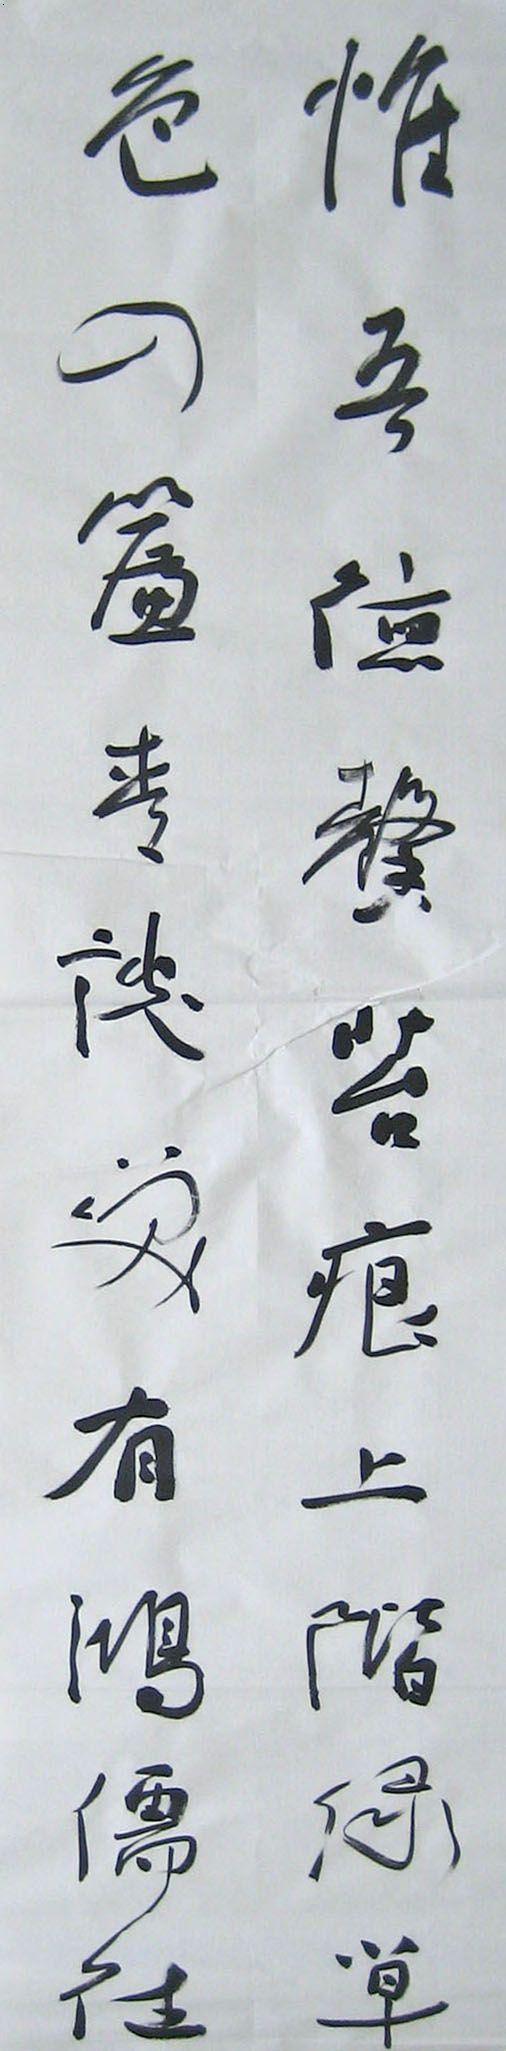 王羲之名人书法,名人字画